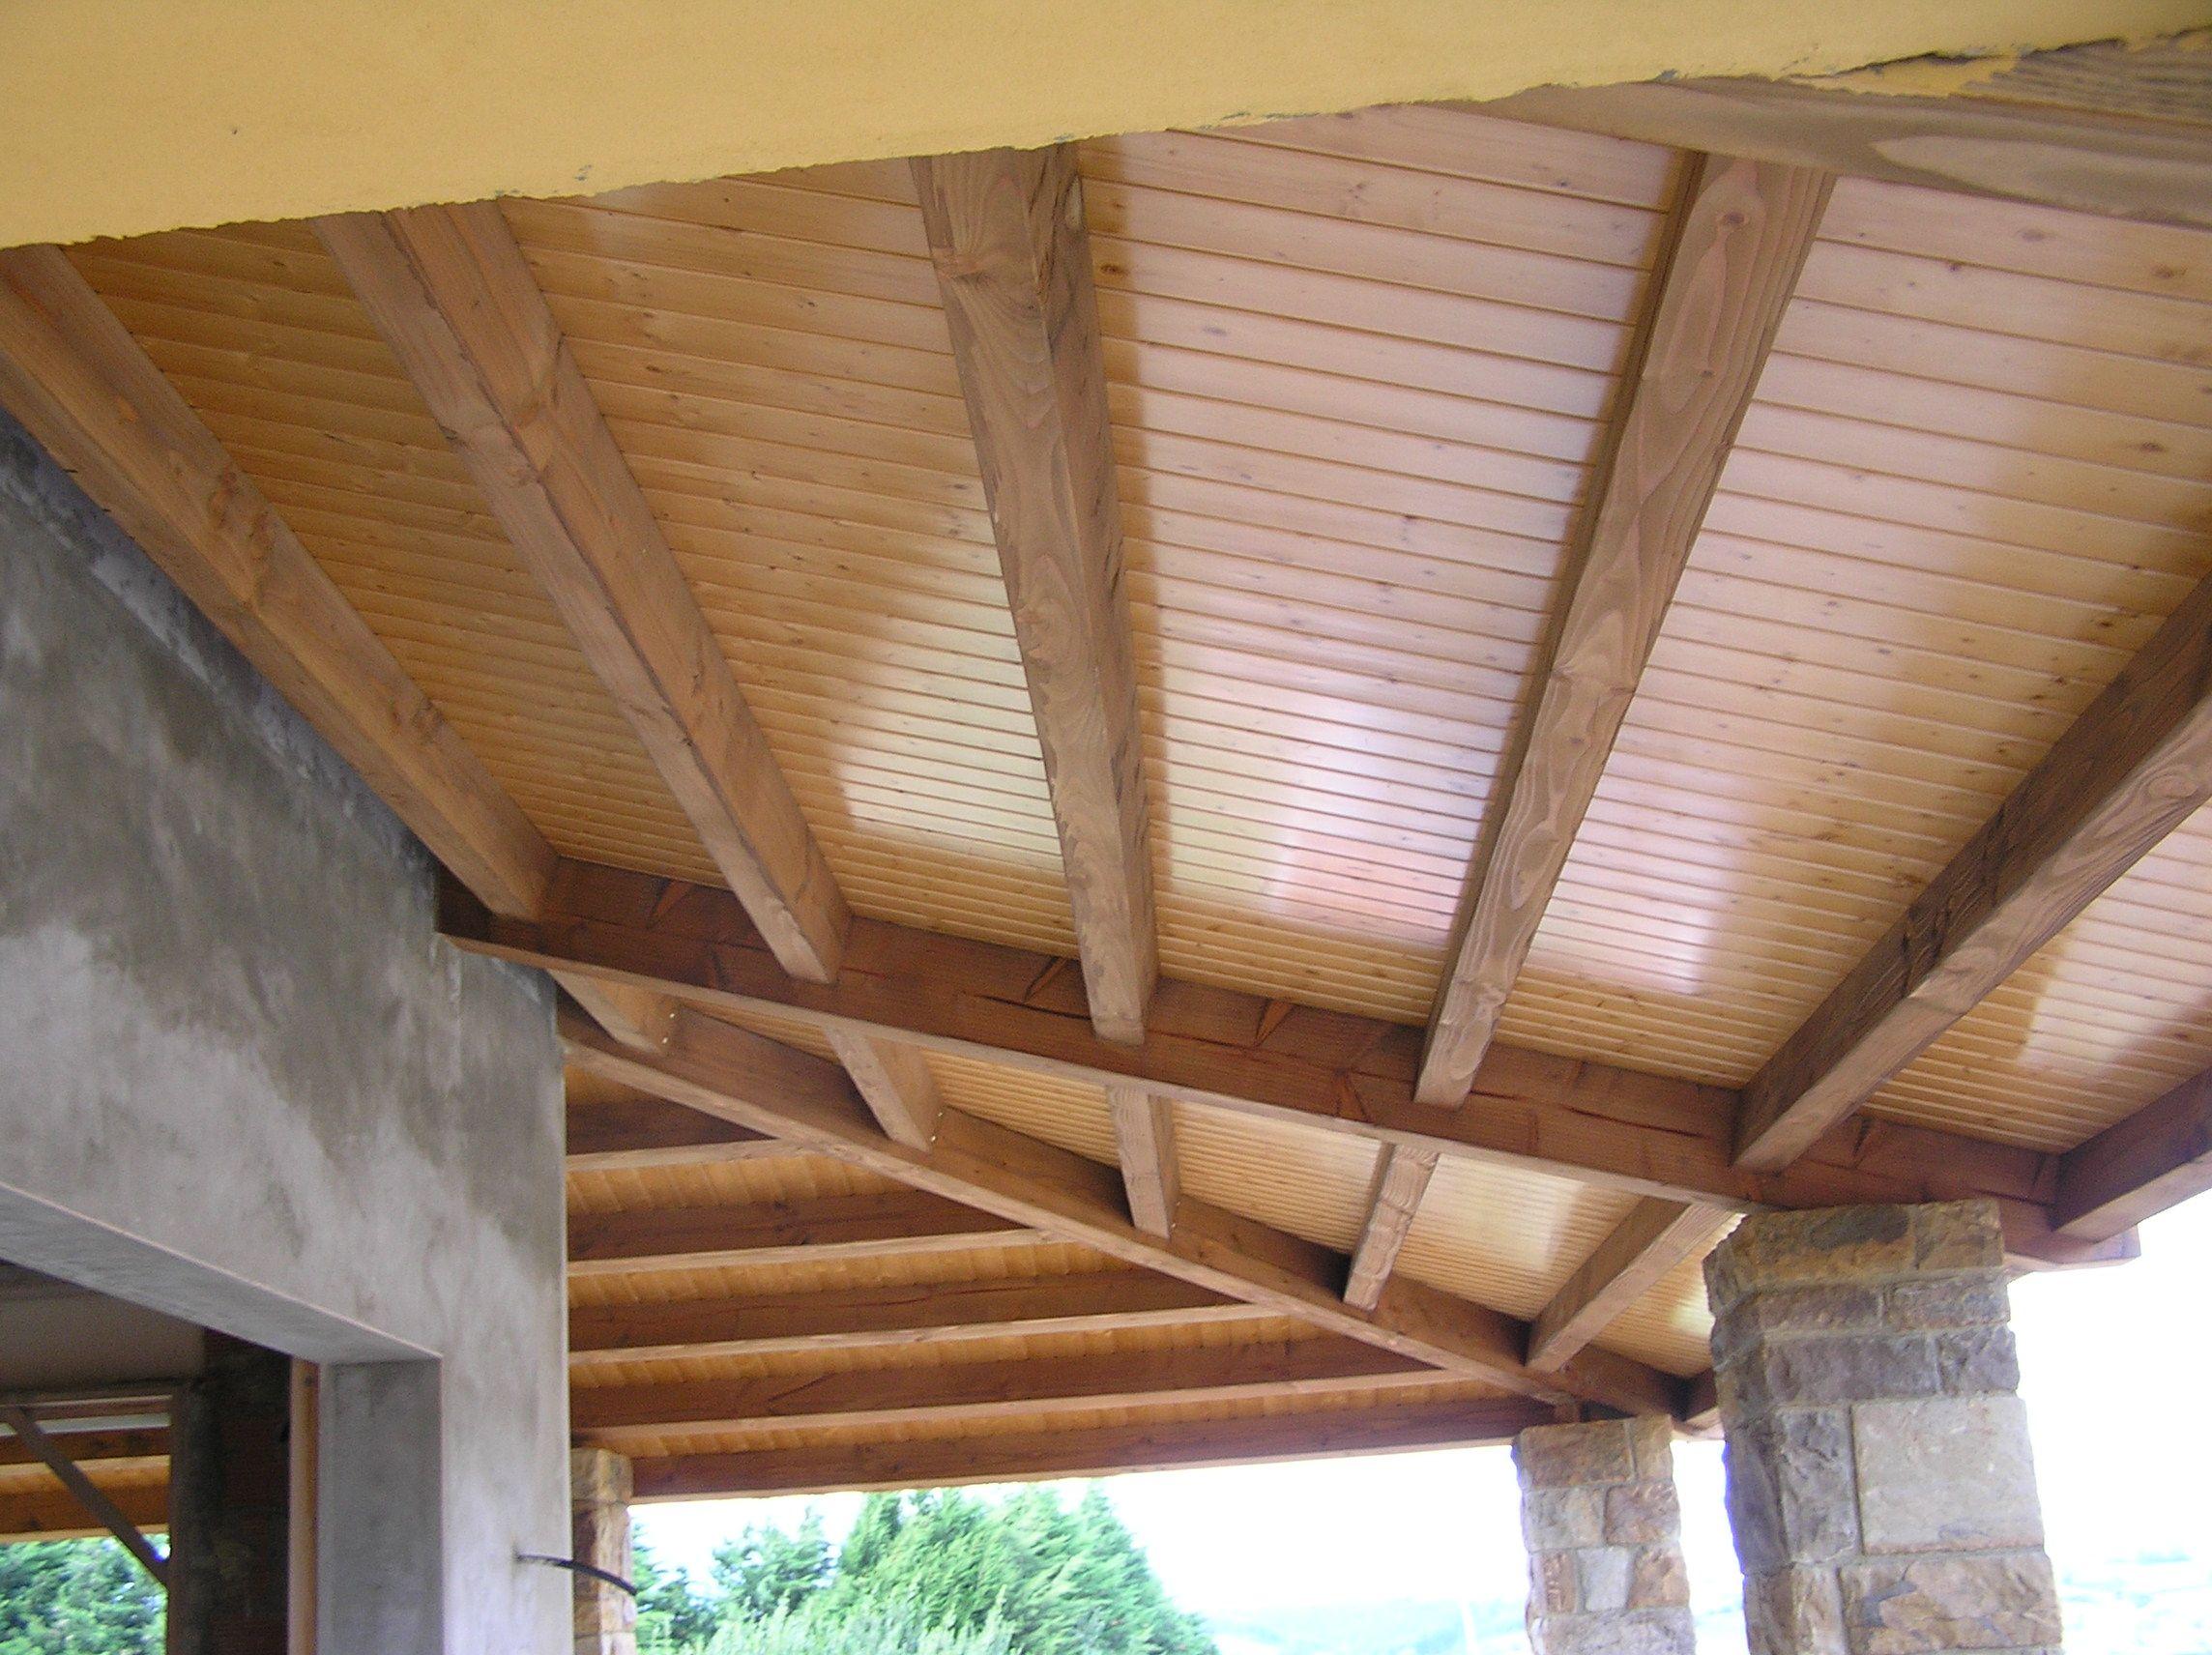 THERMOCHIP TAH decora tus techos con paneles sndwich Acabado